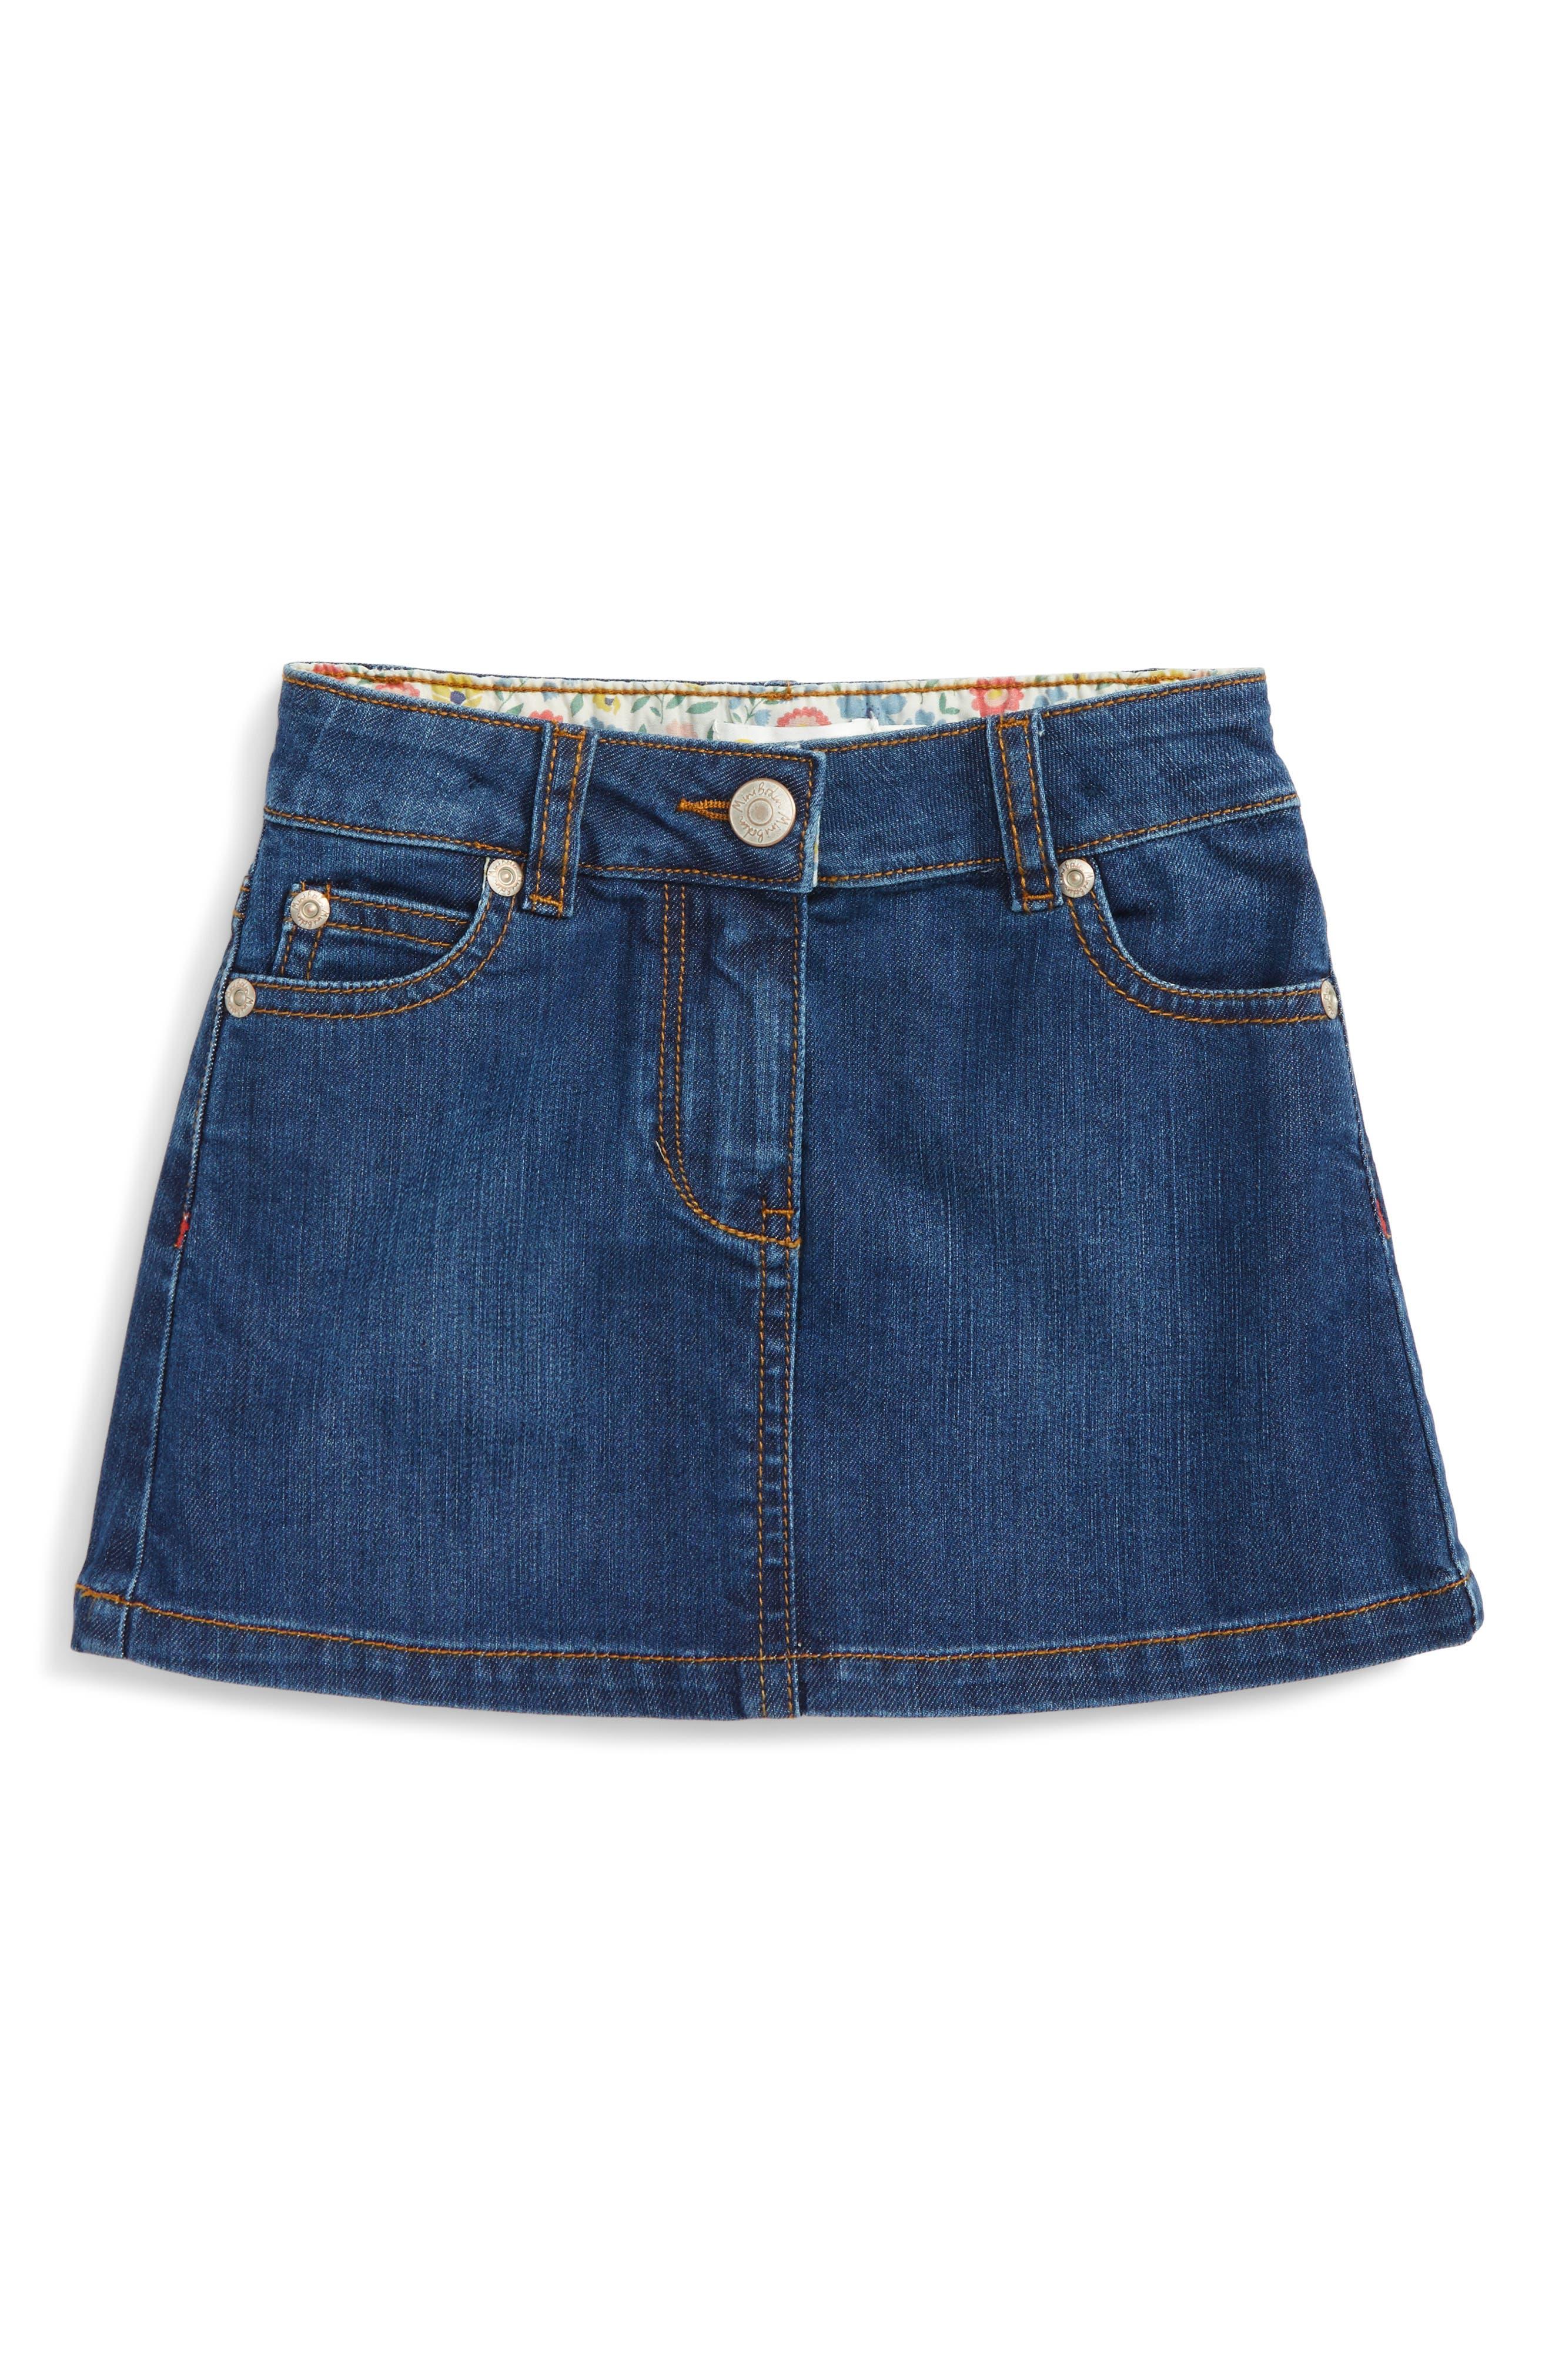 Main Image - Mini Boden Heart Pocket Denim Skirt (Toddler Girls, Little Girls & Big Girls)